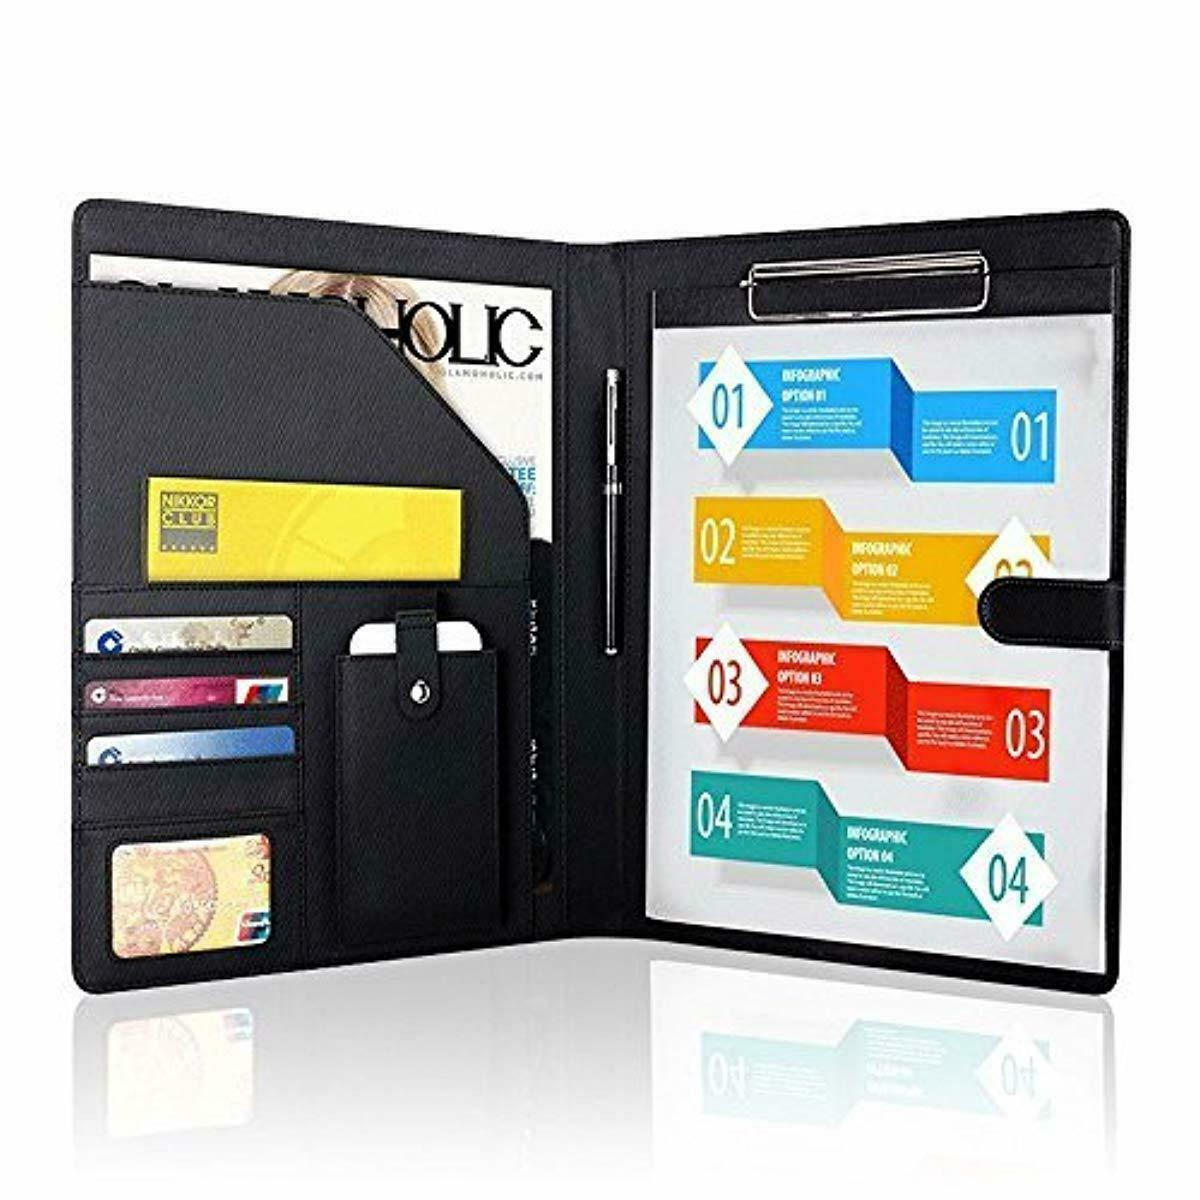 Padfolio Business/Resume Portfolio, AHGXG Leather Folder wit